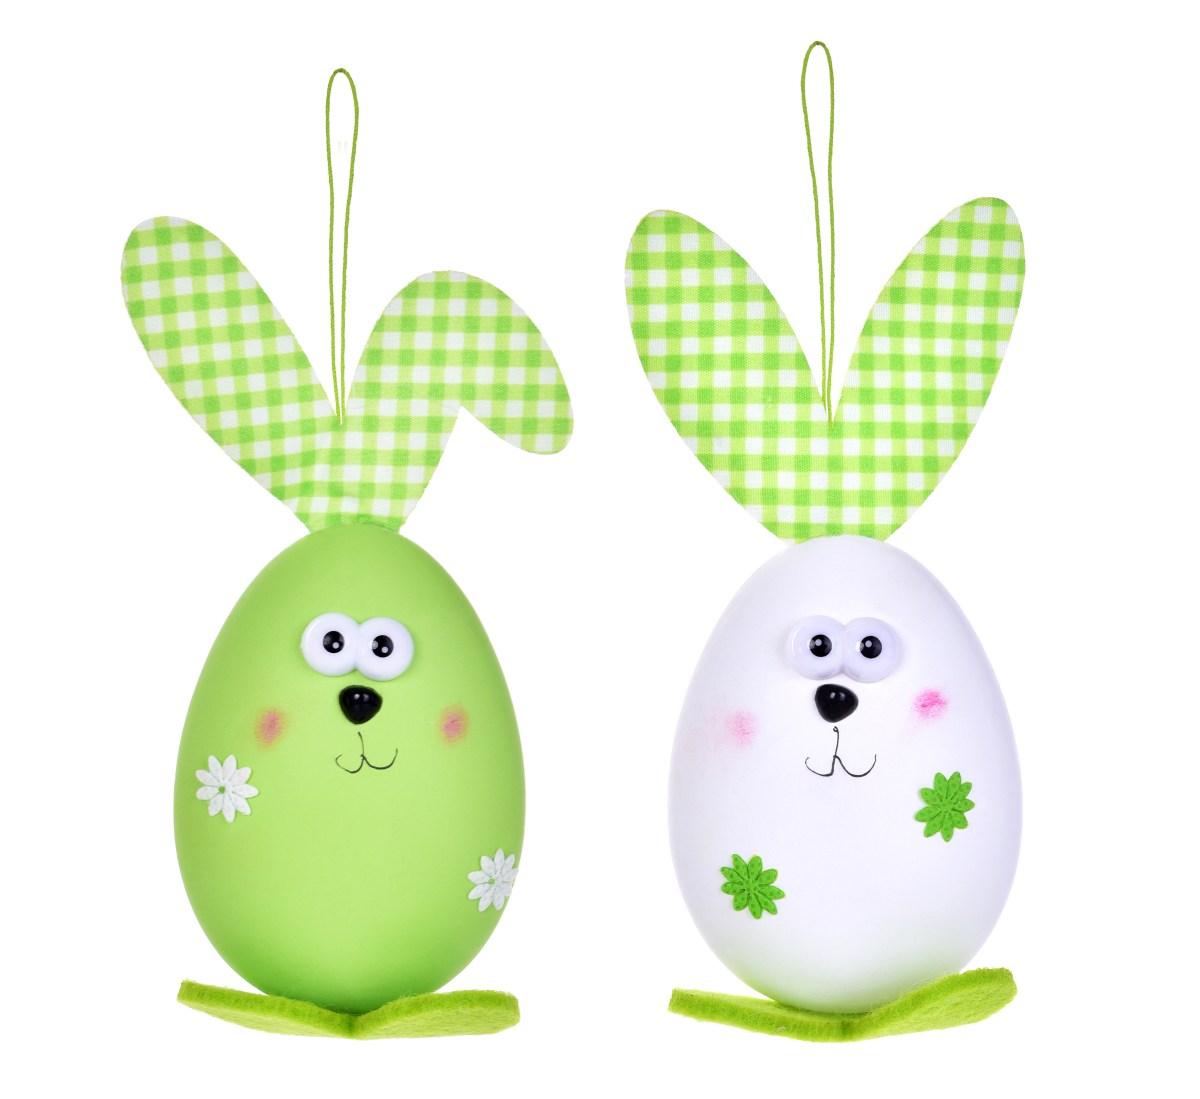 2 ks zajíček - vajíčko, velikonoční závěsná dekorace, s propracovanými detaily